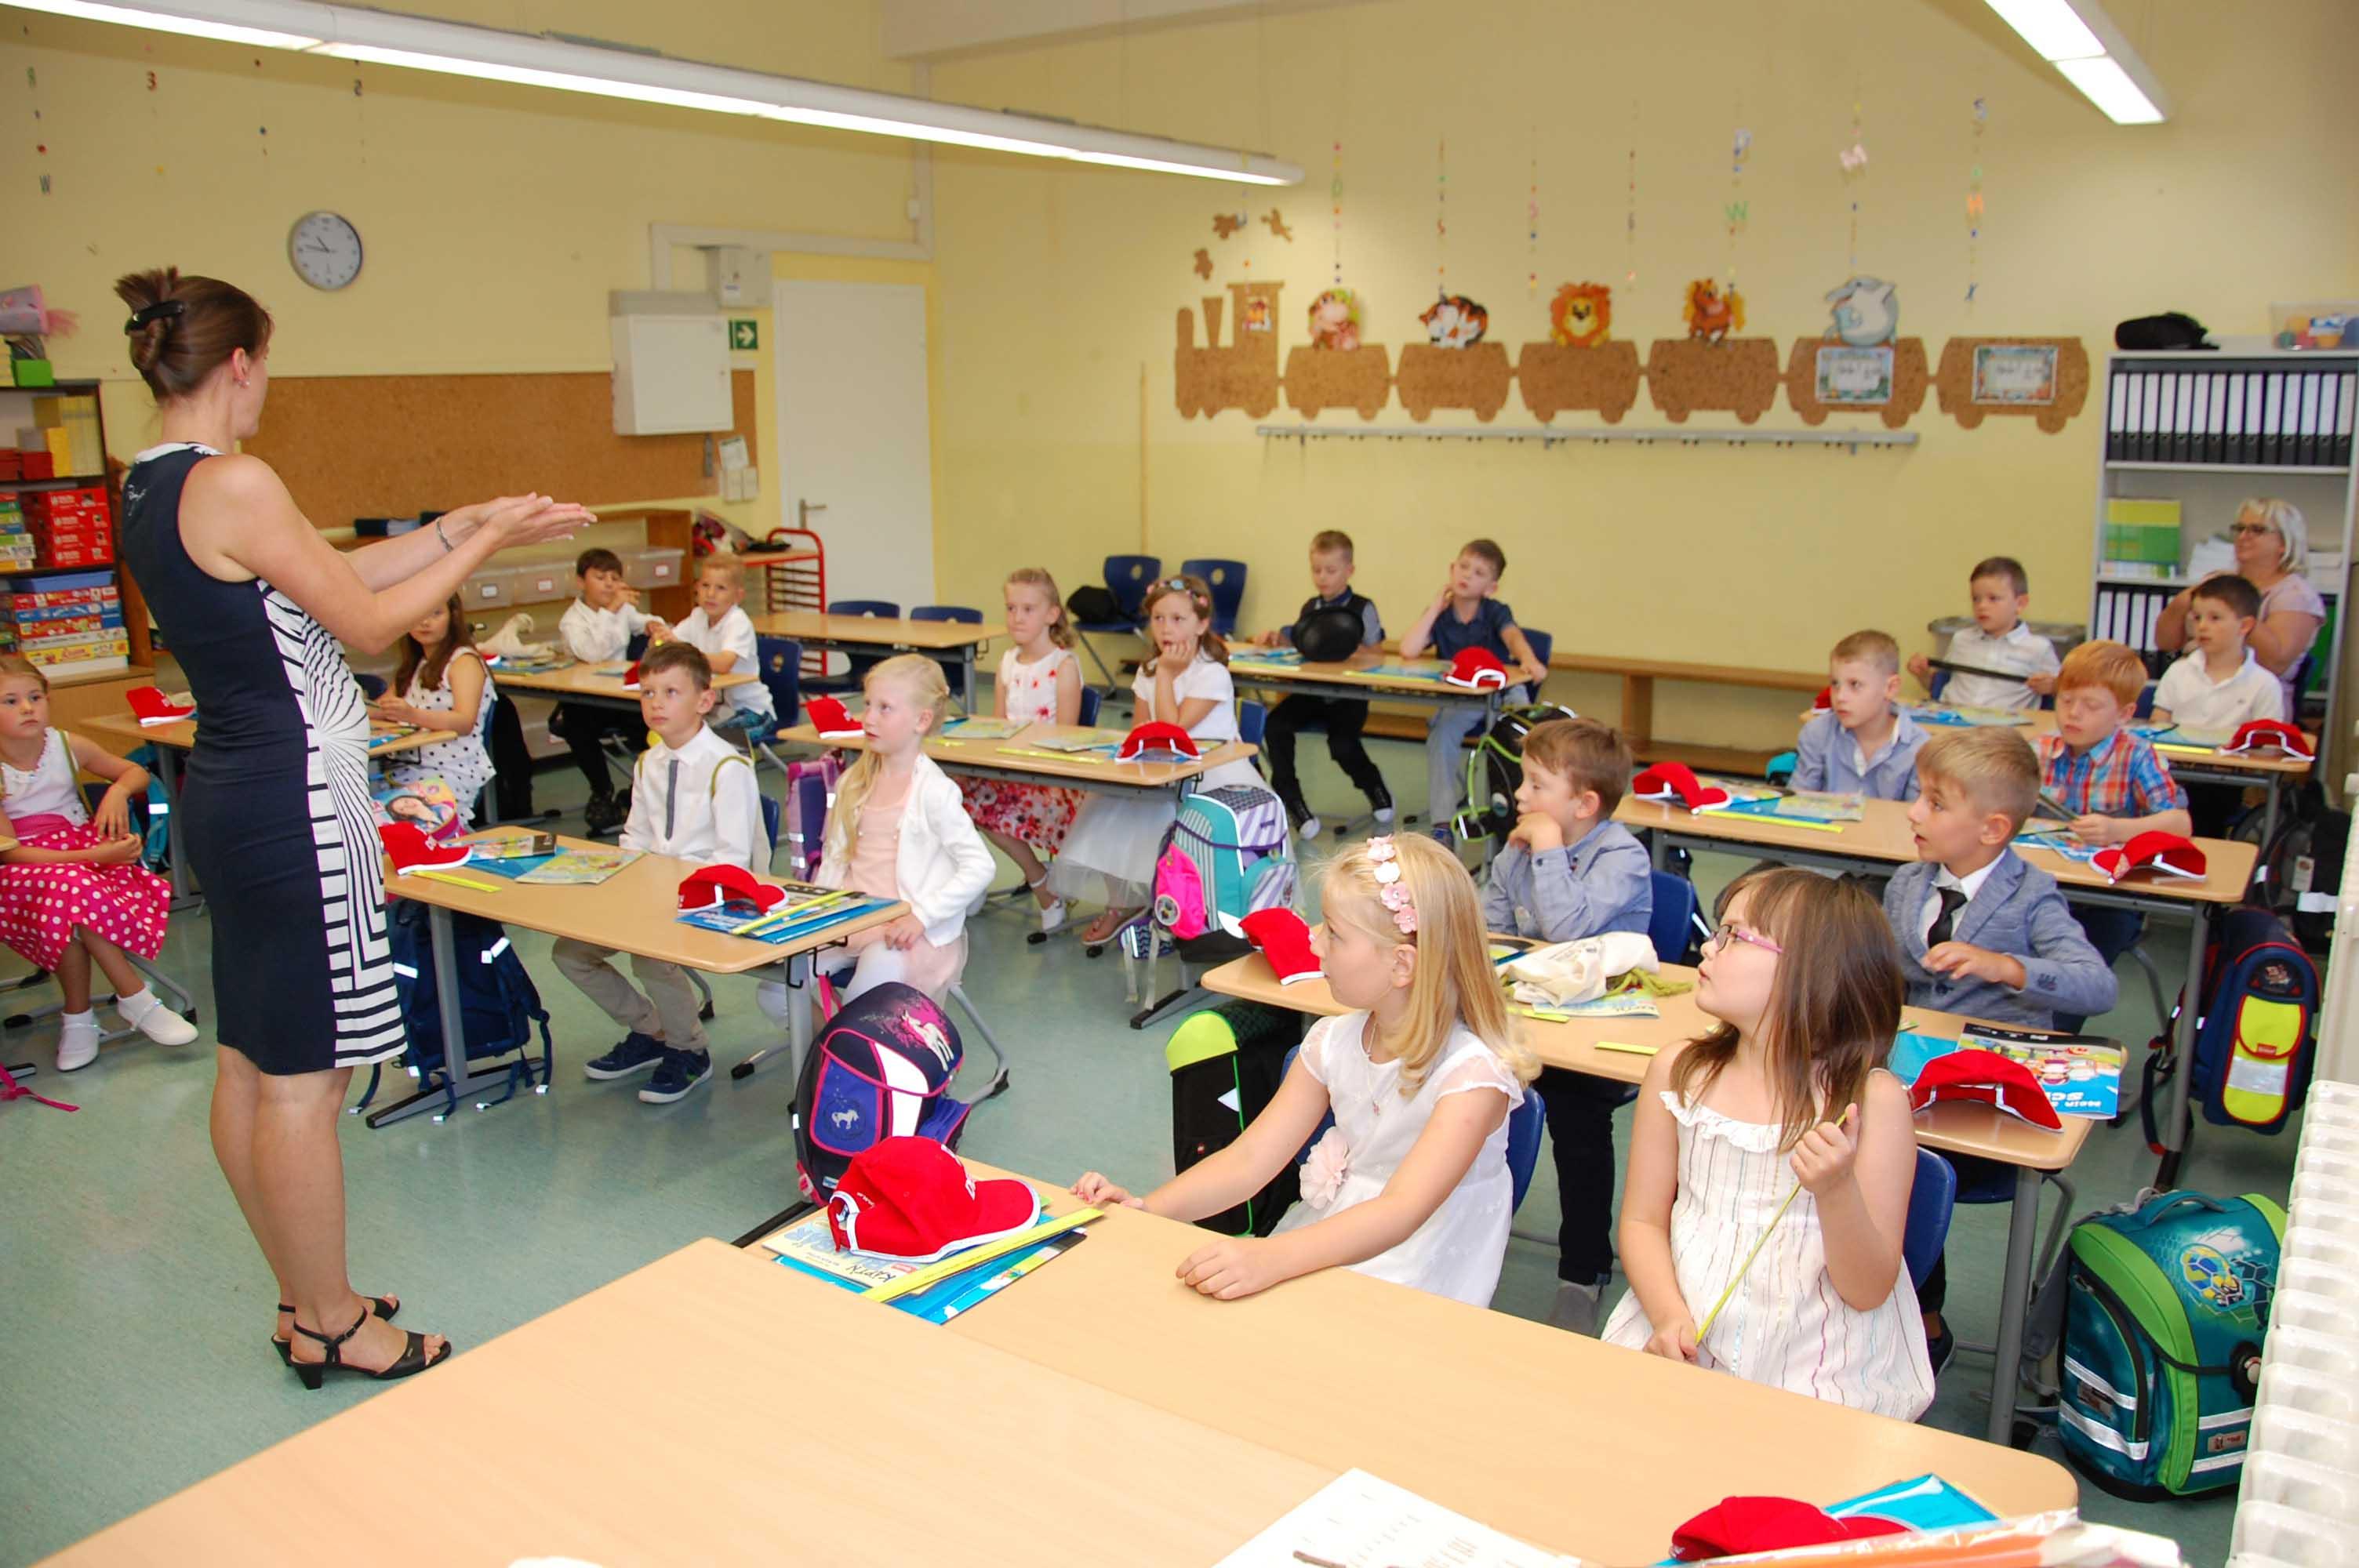 Kennenlernen neue klasse grundschule